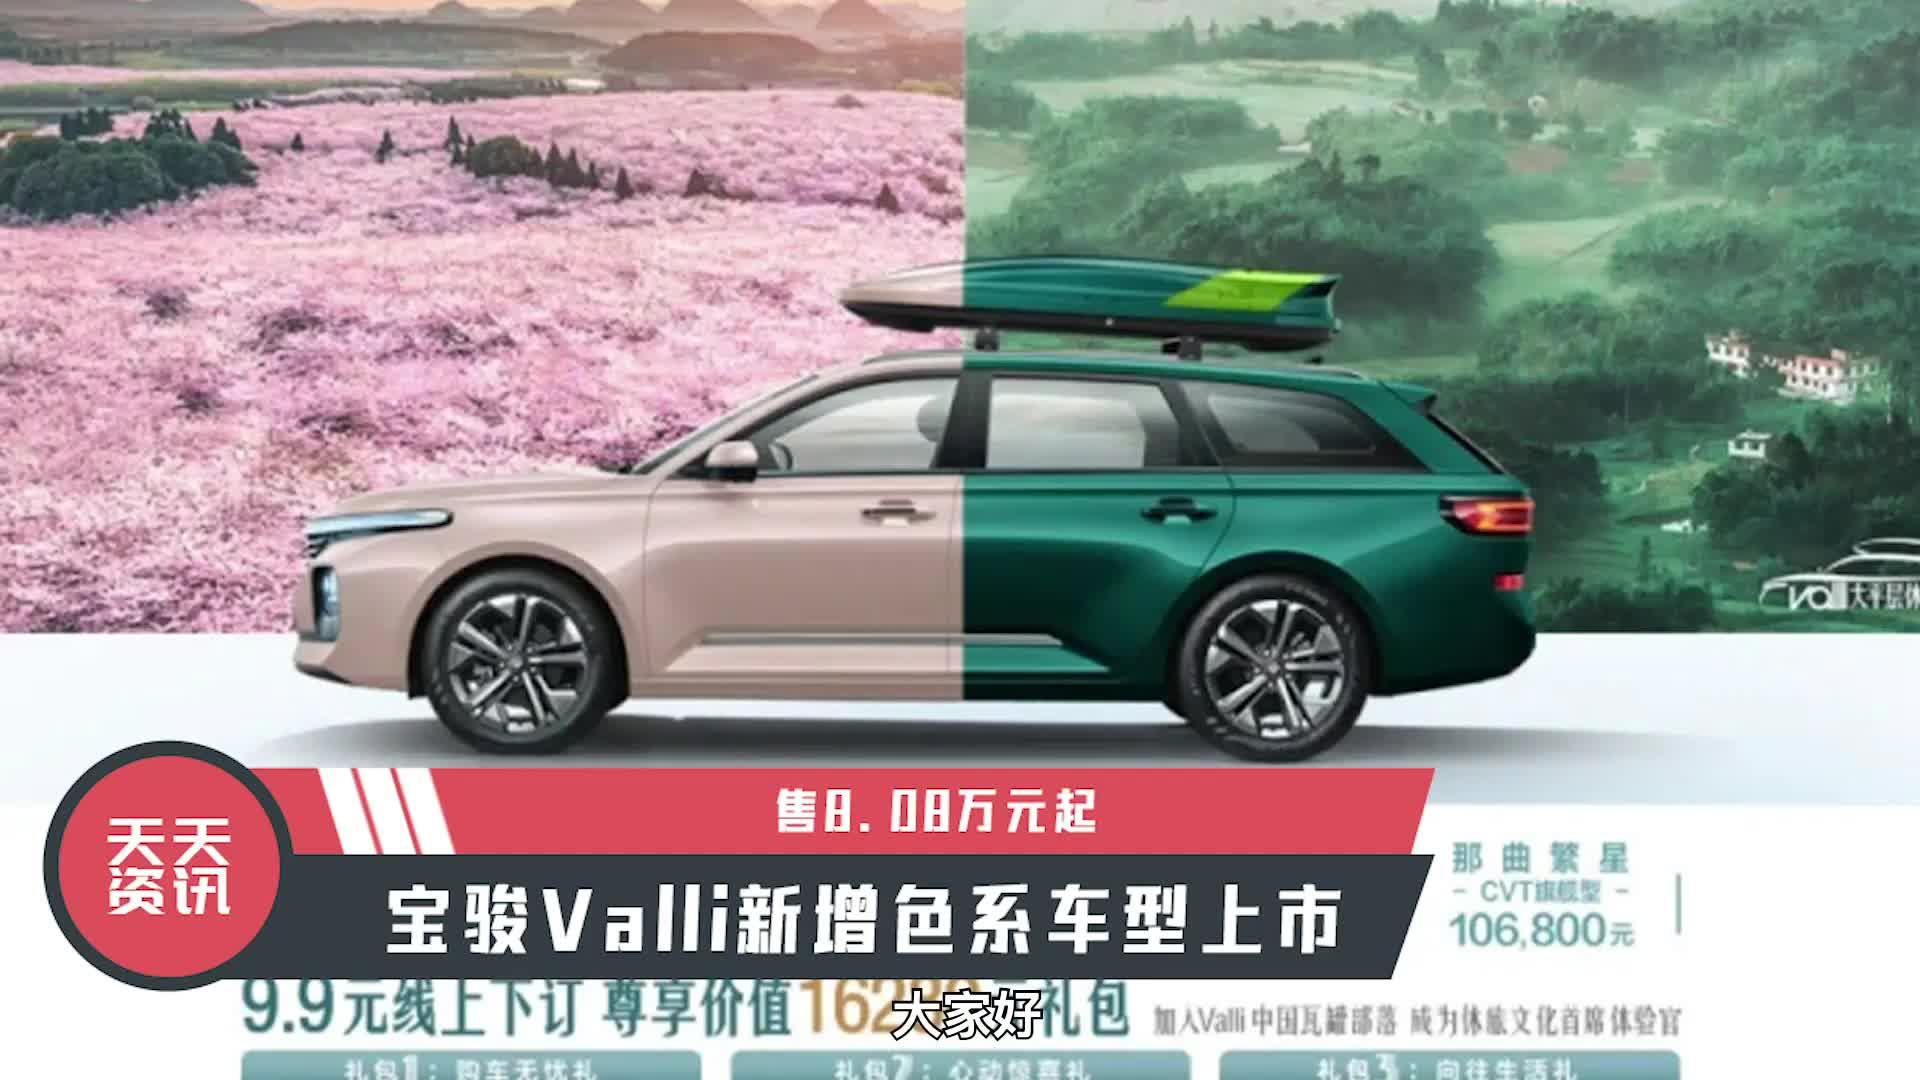 【天天资讯】售8.08万元起,宝骏Valli新增色系车型上市